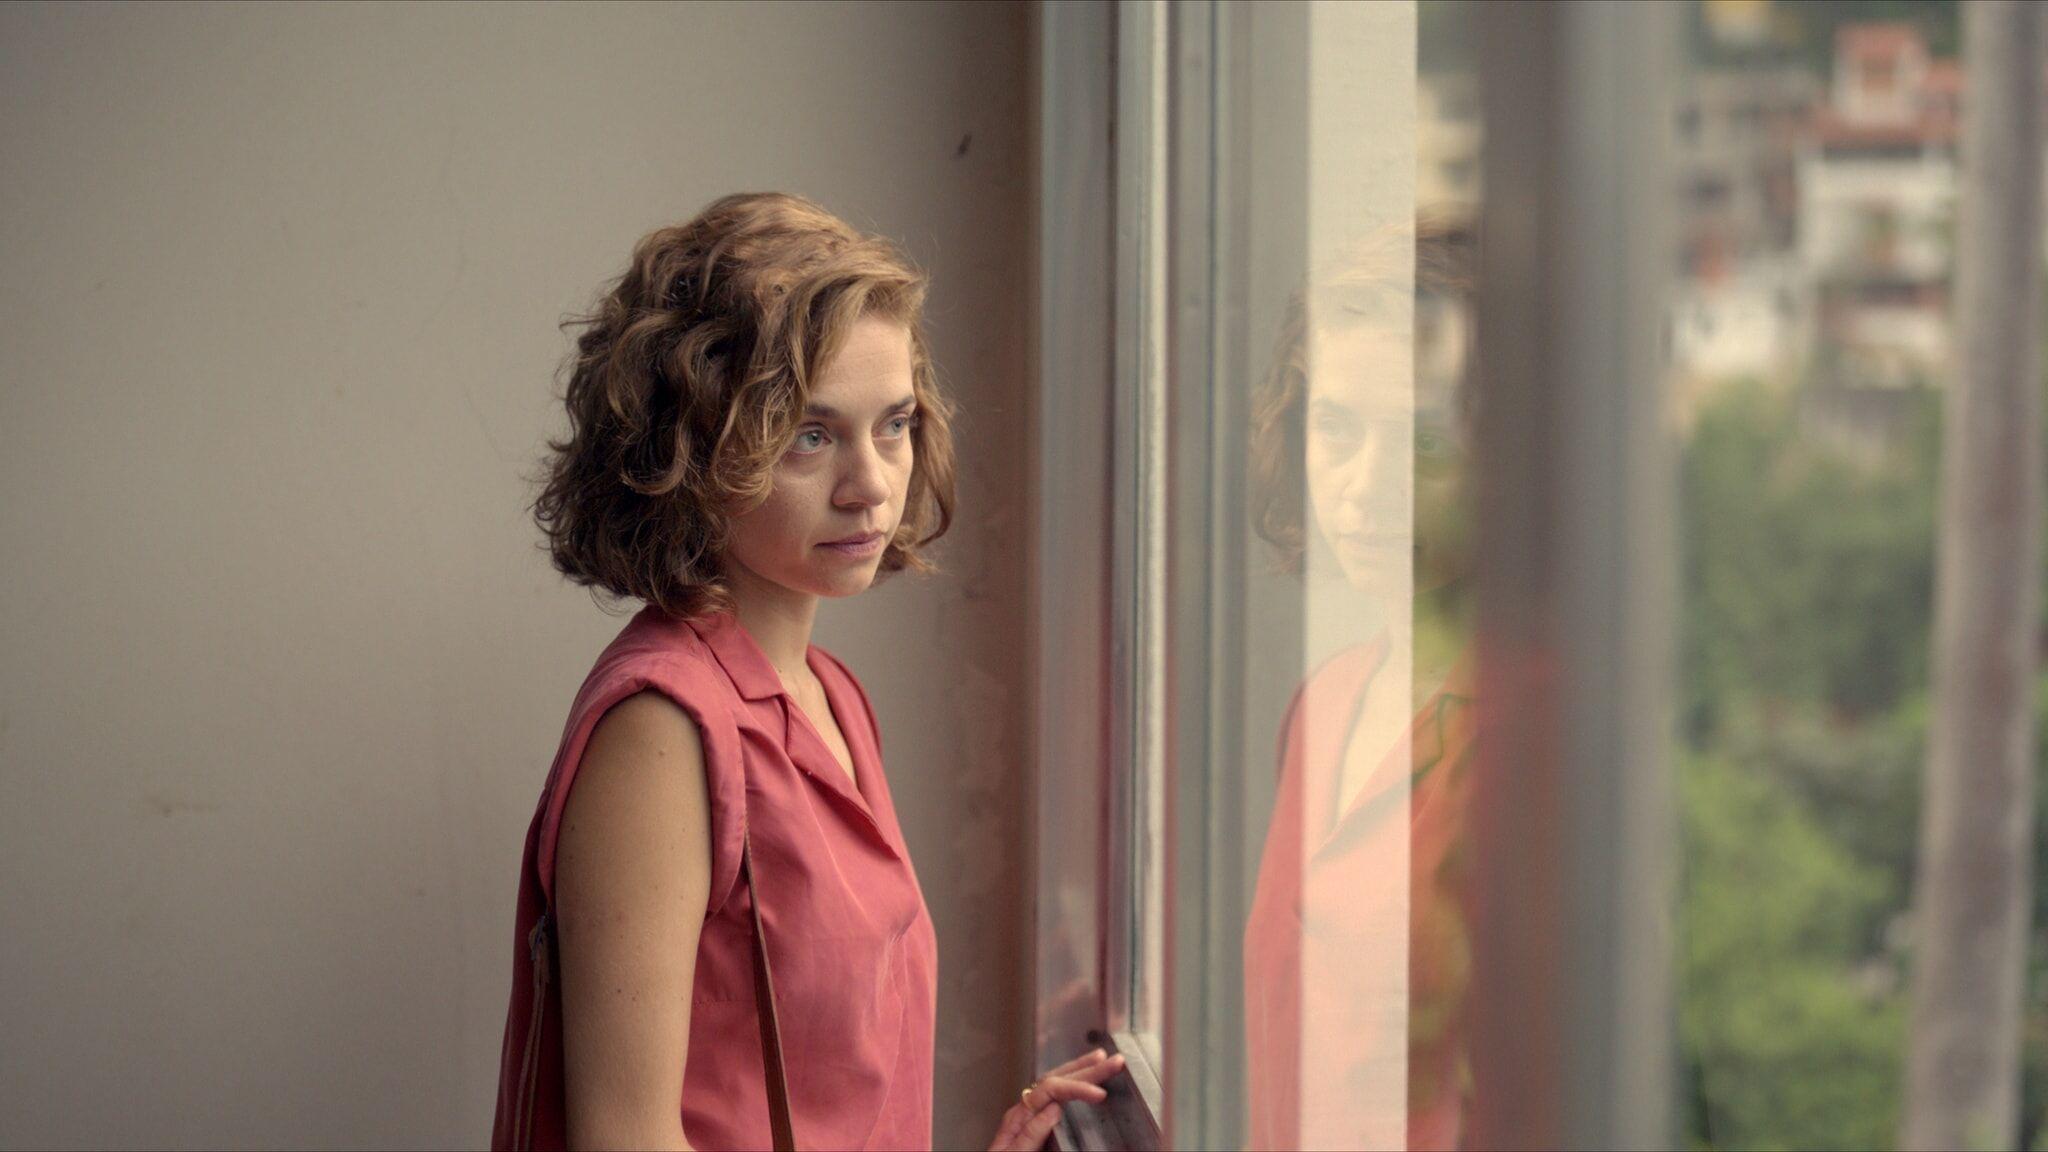 Mormaço: Excelente filme sobre o adoecimento na cidade